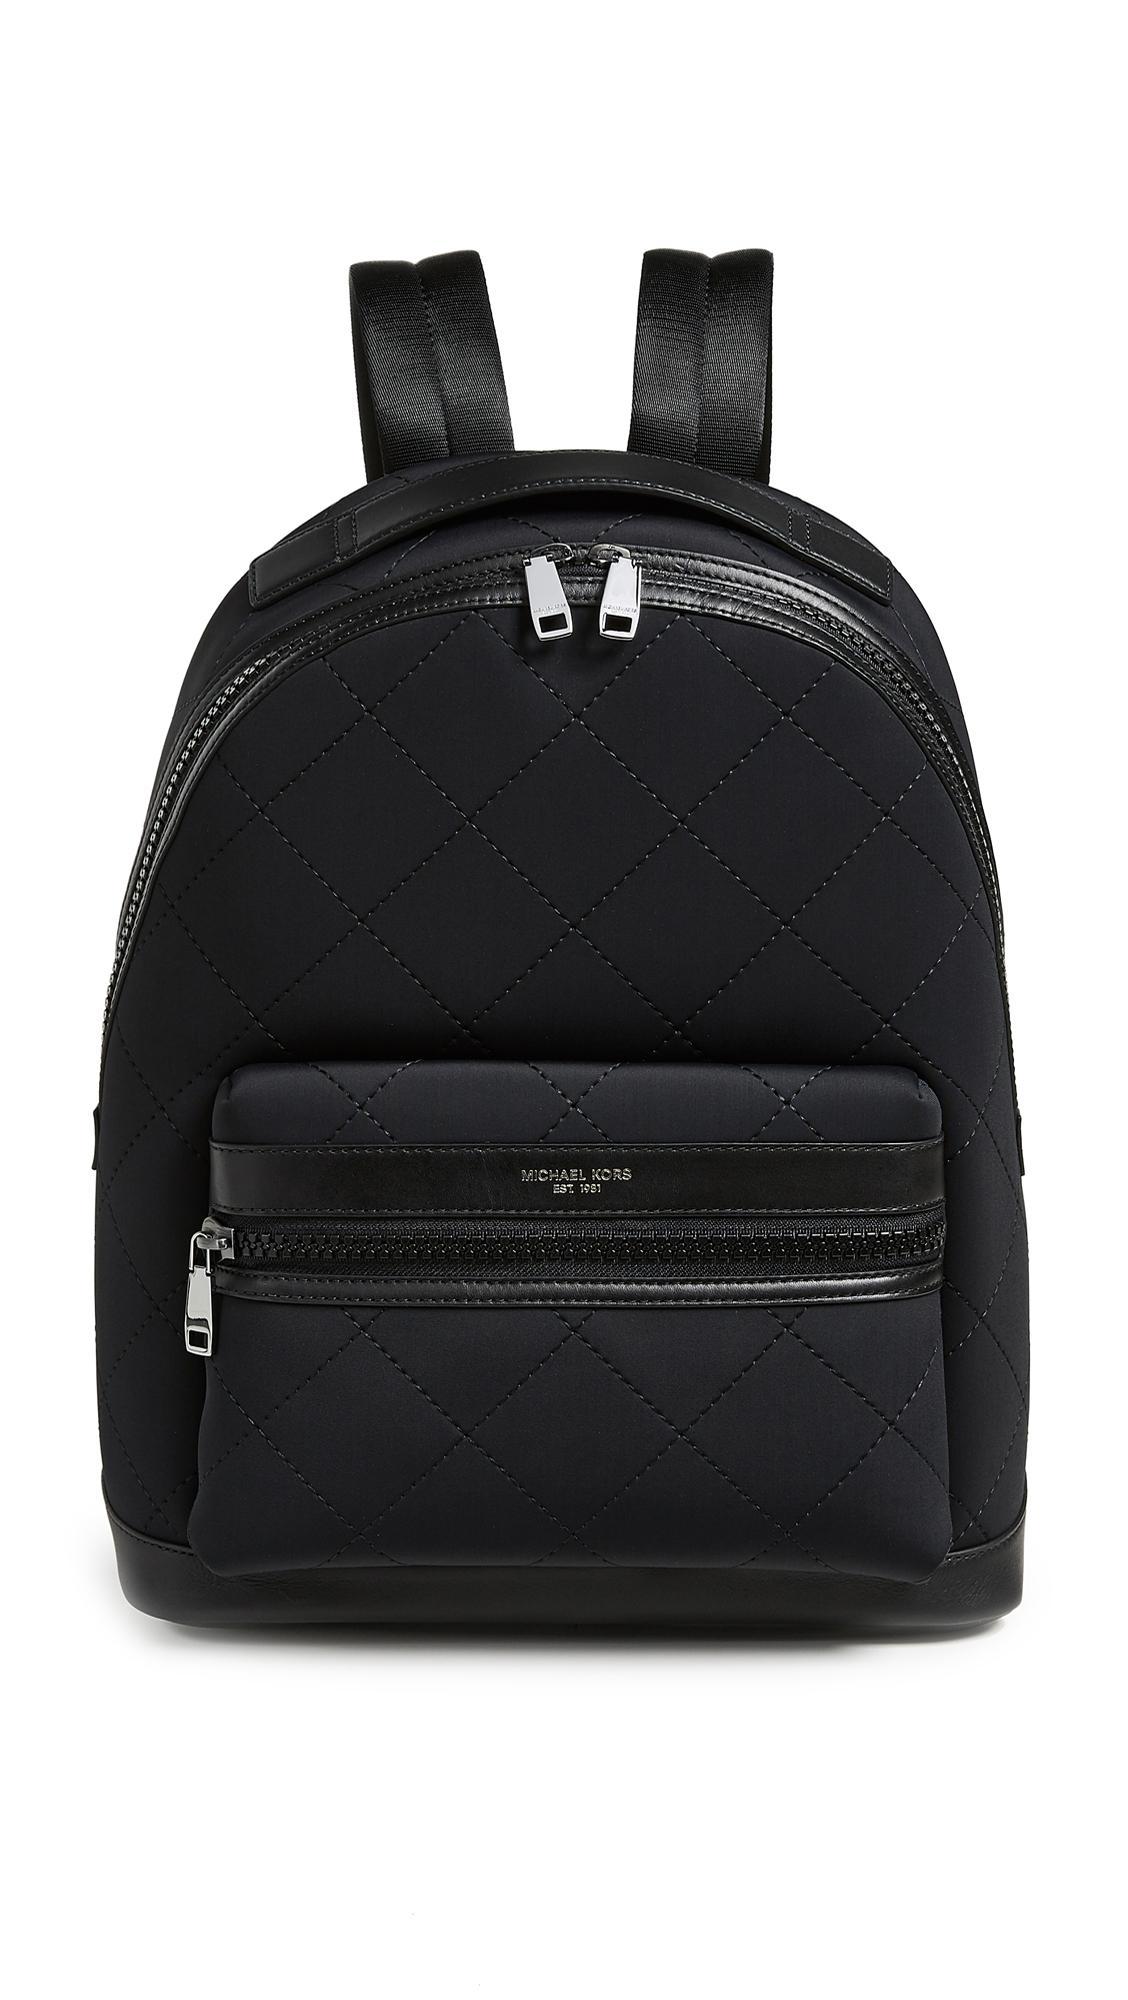 98d667174b43d6 Michael Kors Odin Neoprene Backpack In Black | ModeSens